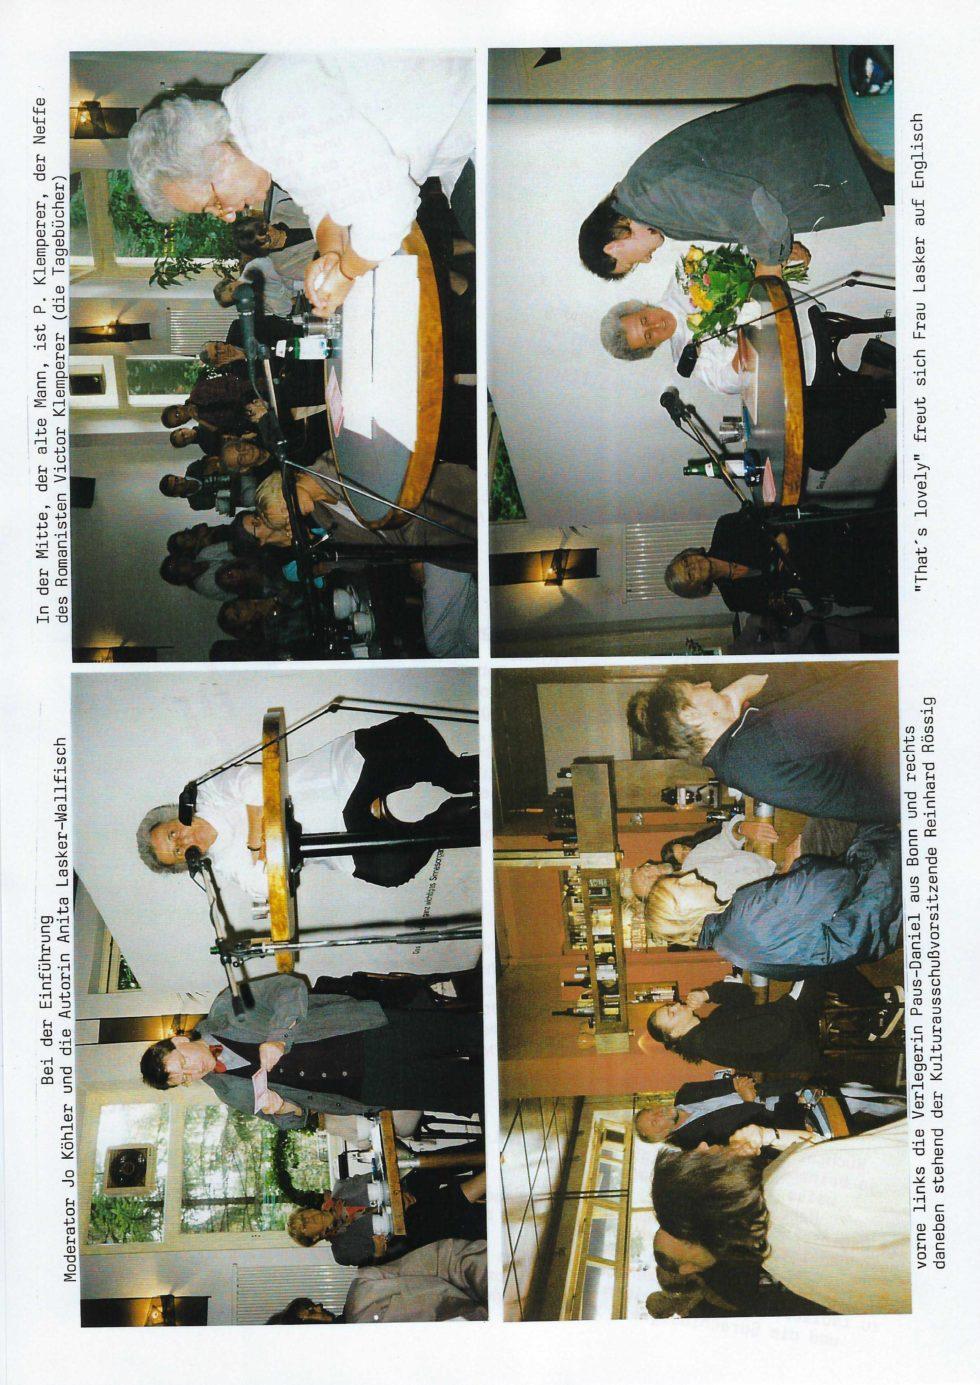 1997 Stift.Lesen, Lit.Tour, Lasker-Wallfisch_Seite_42